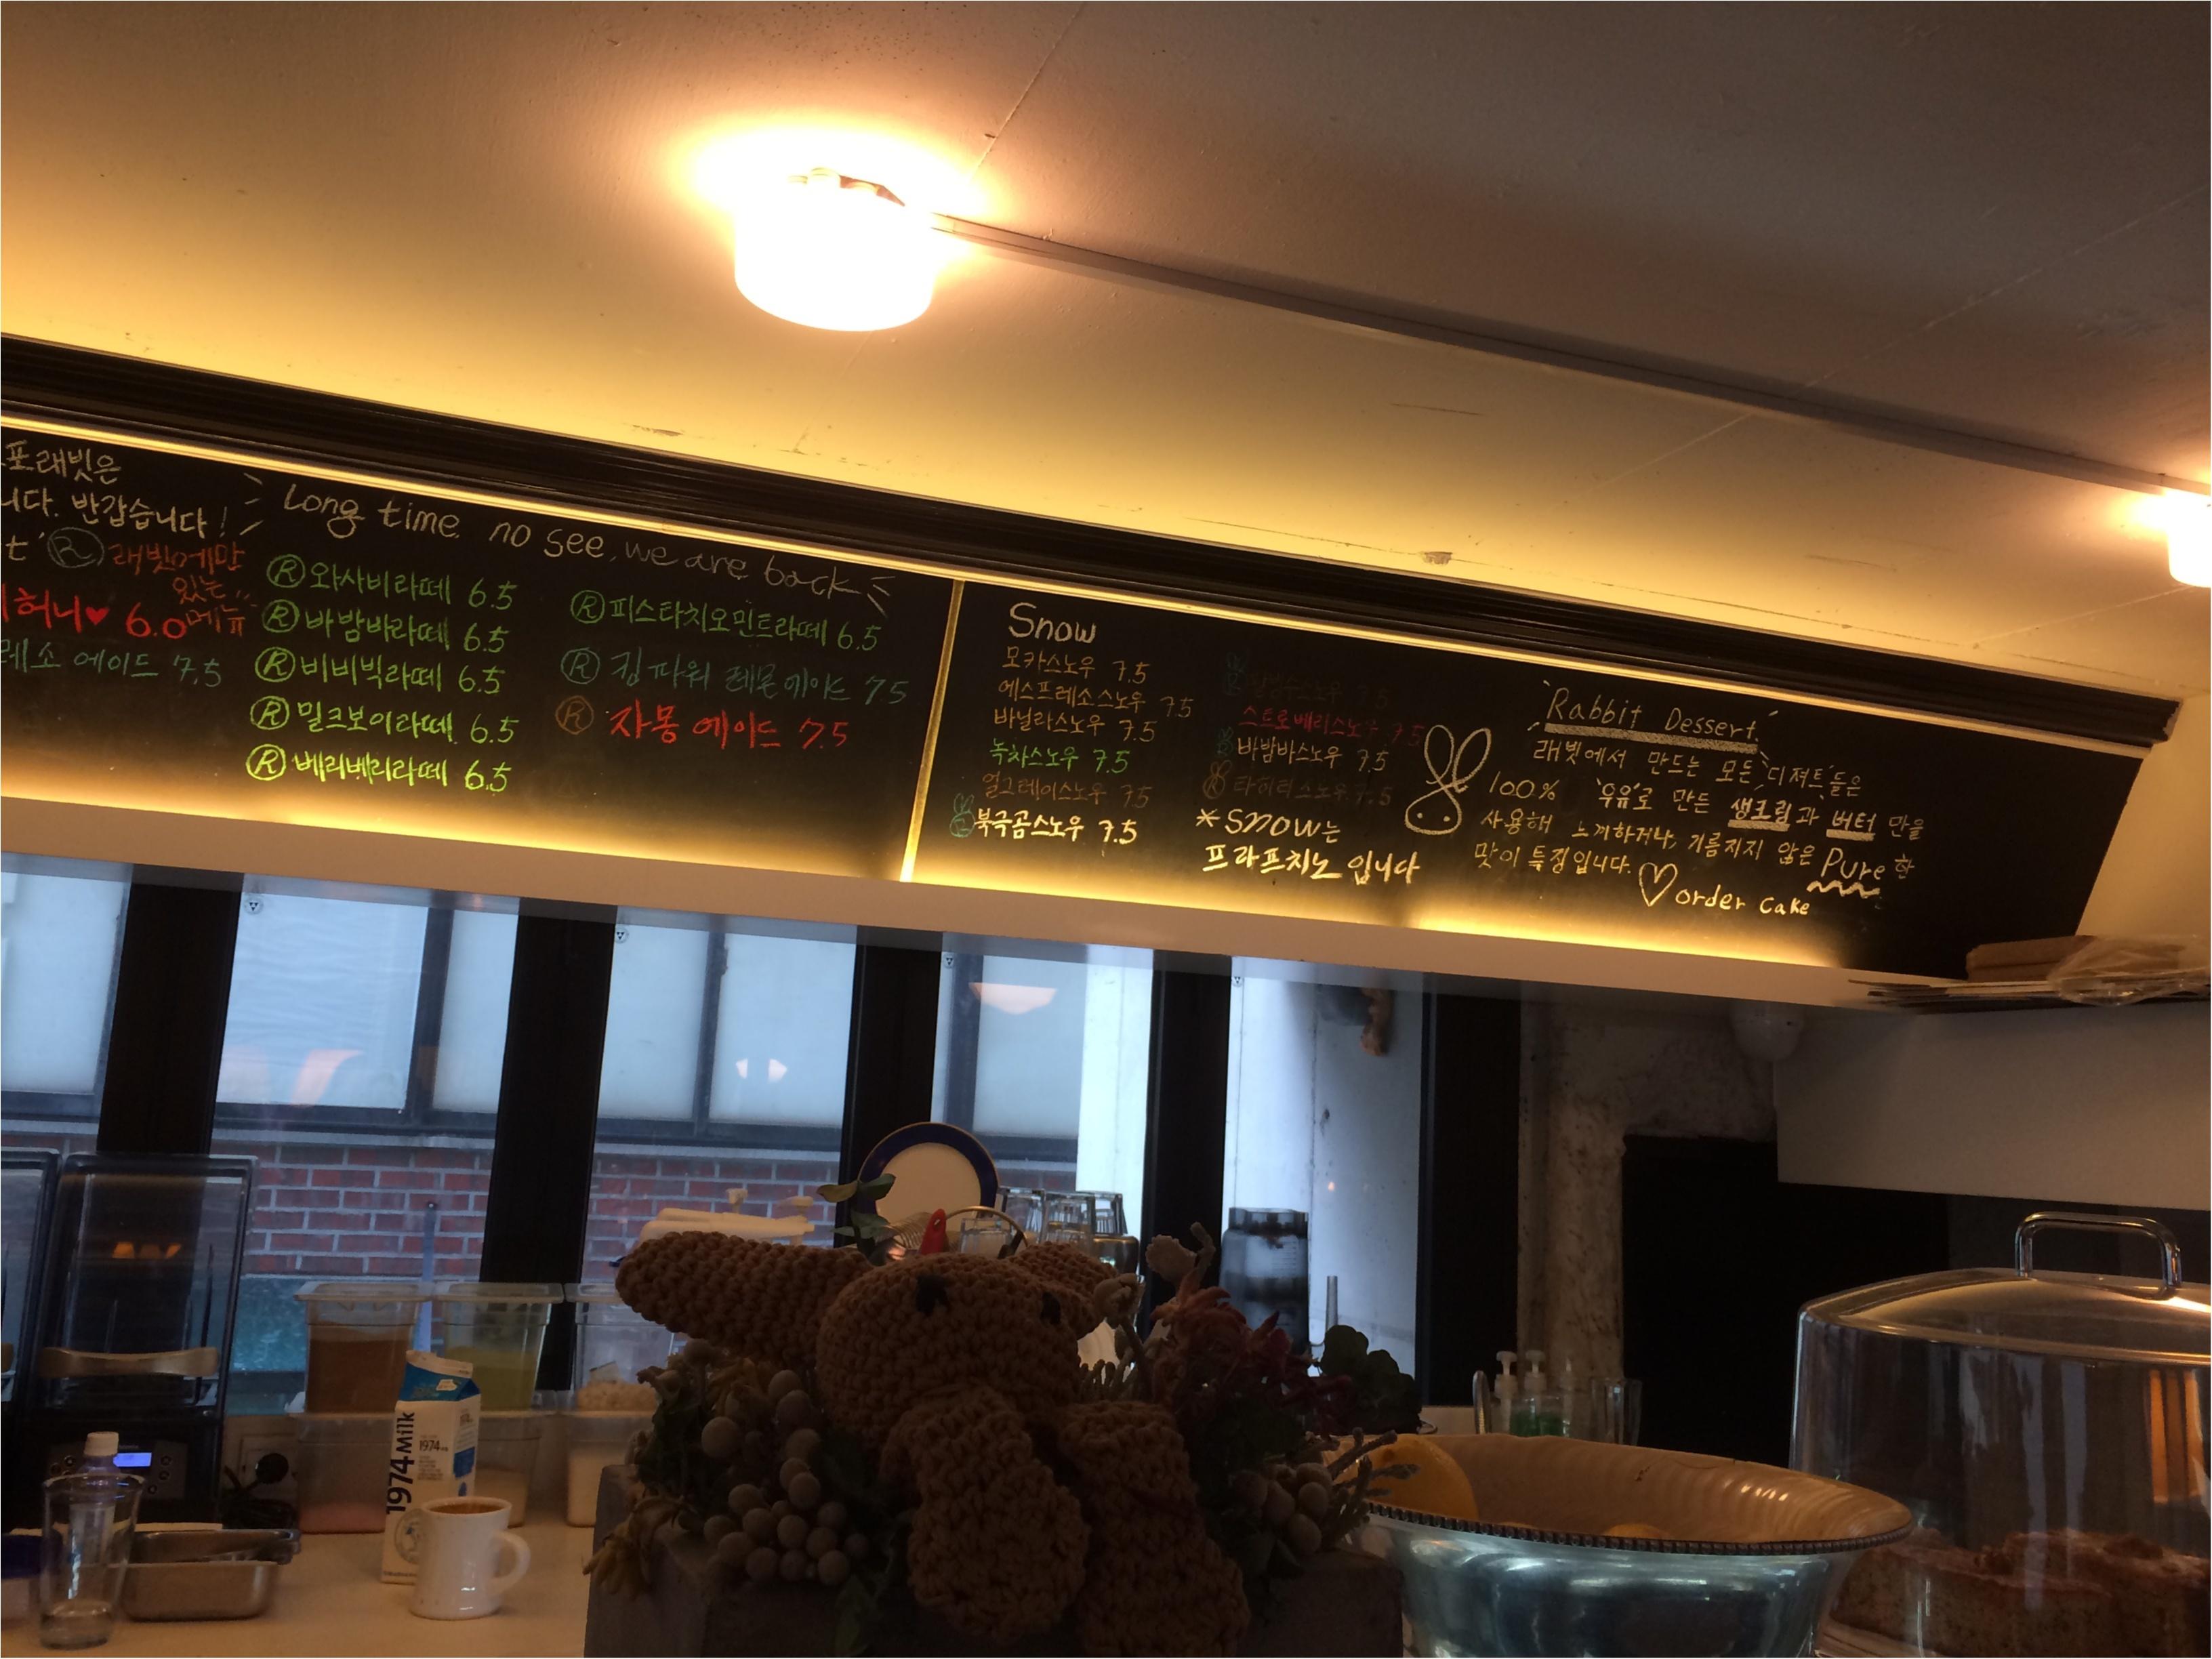 ★もはやカフェ大国?手軽にいける旅行先韓国より可愛さ満点、美味しさ抜群のカフェを紹介します!★_10